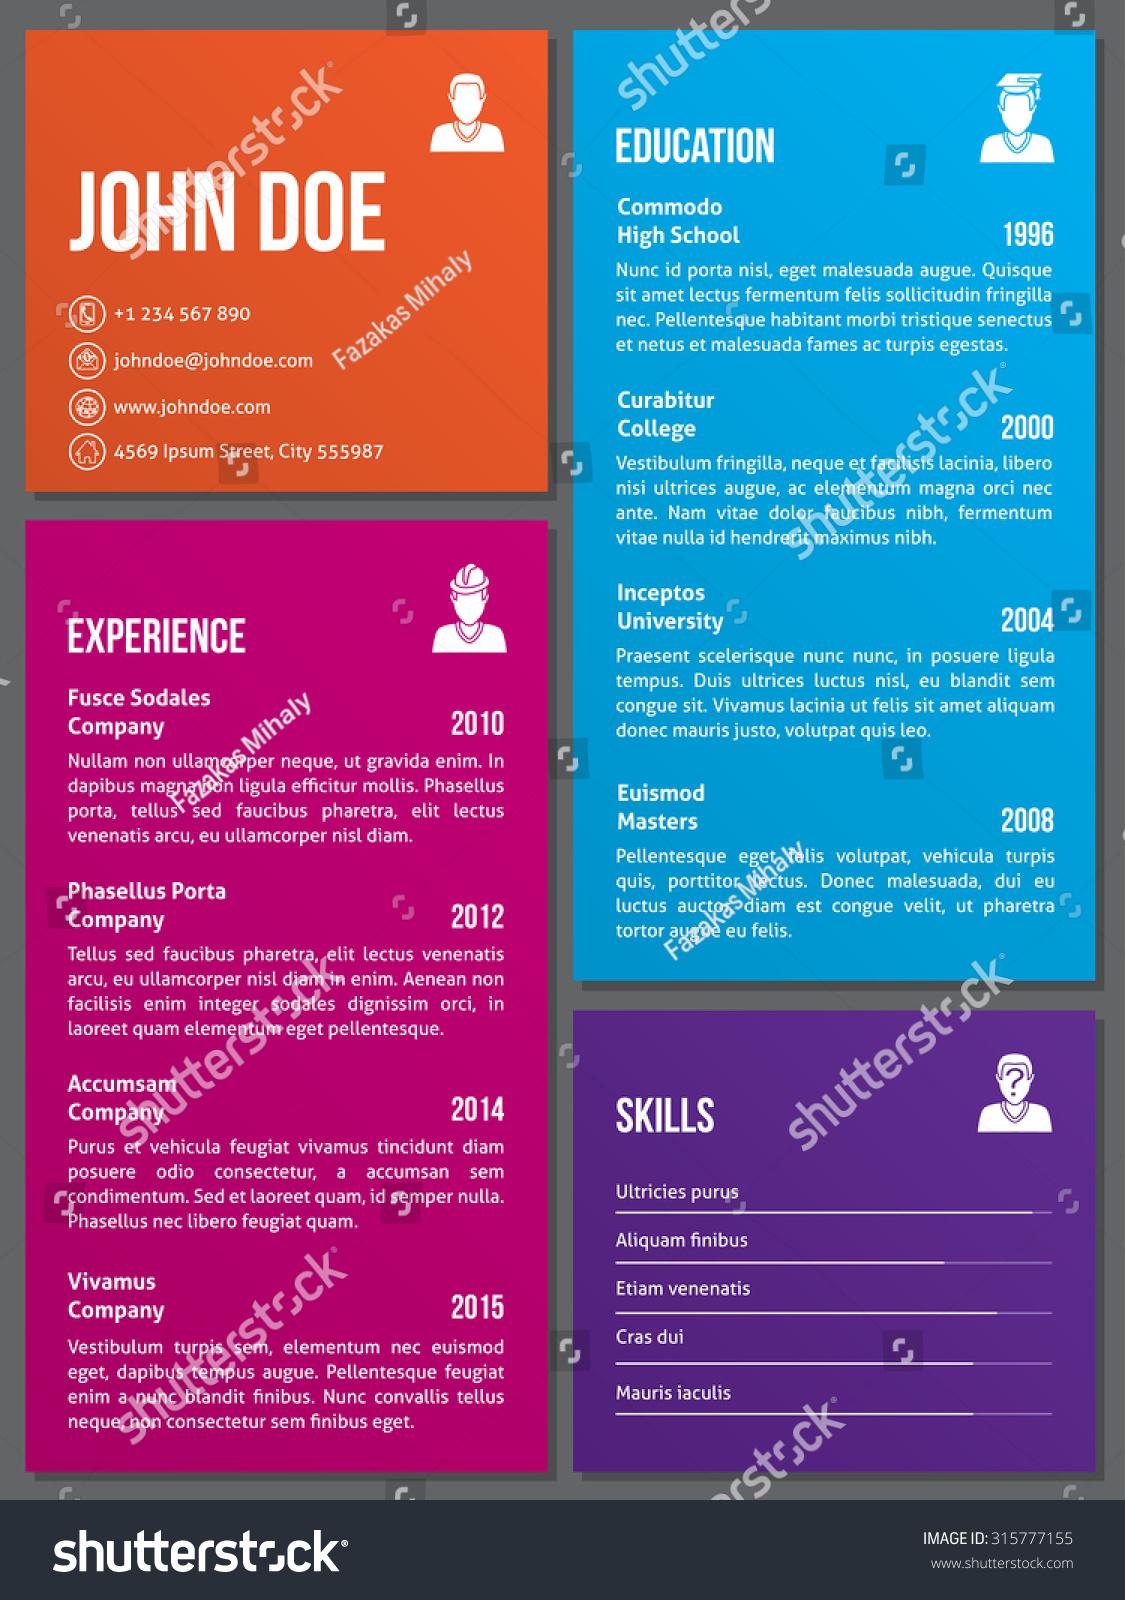 metro design curriculum vitae cv resume stock vector  metro design curriculum vitae cv resume template